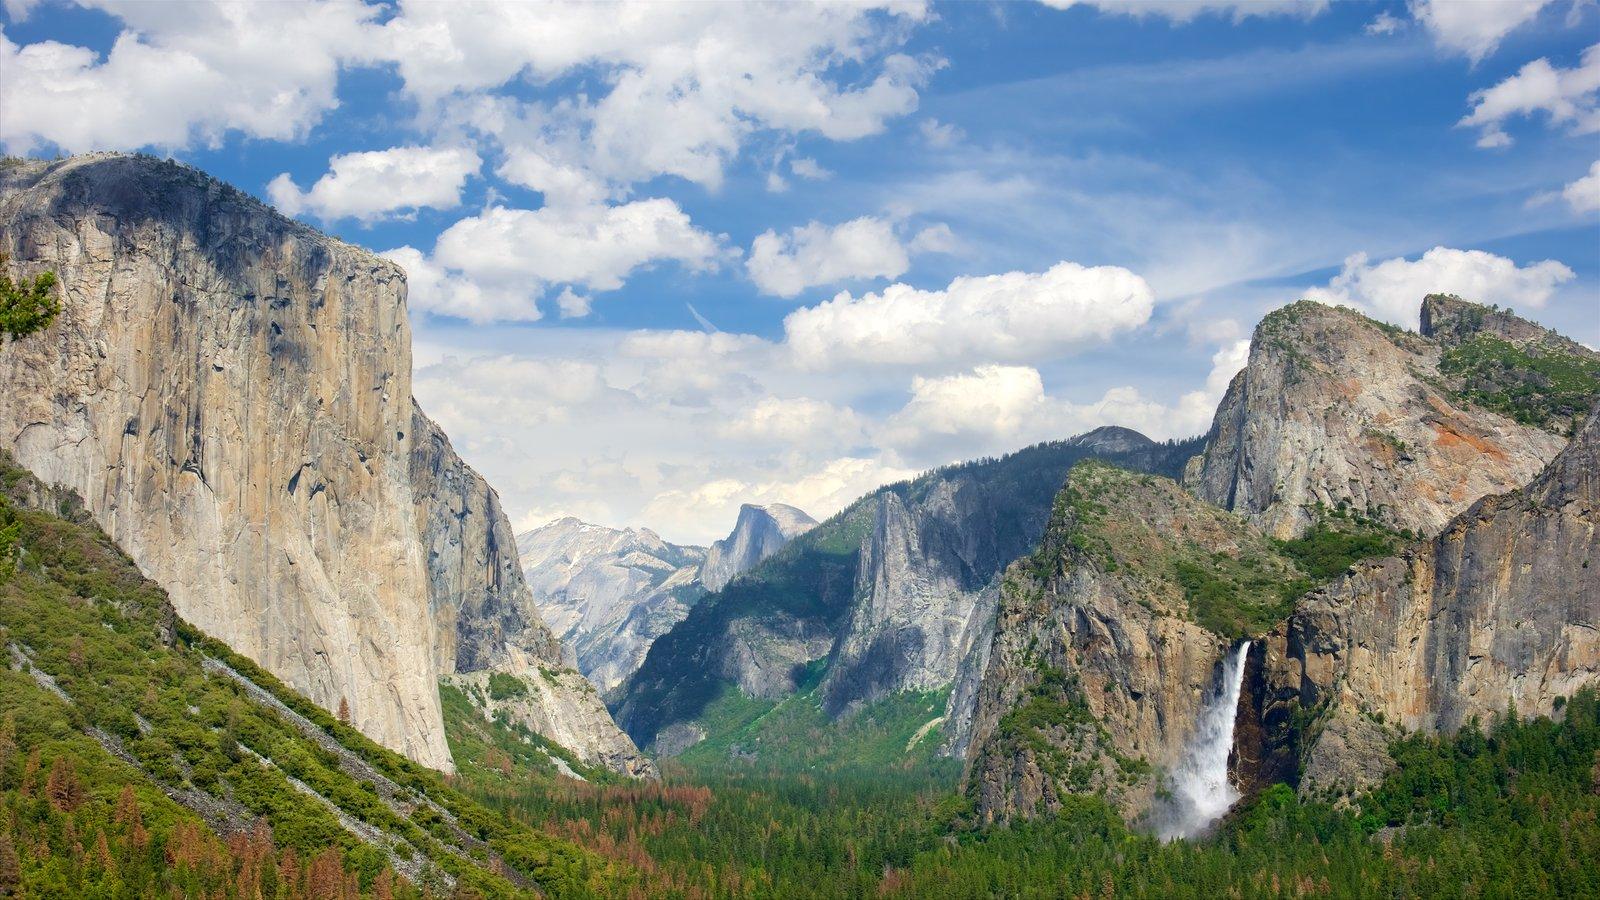 Mirador Tunnel View mostrando vistas de paisajes, bosques y montañas